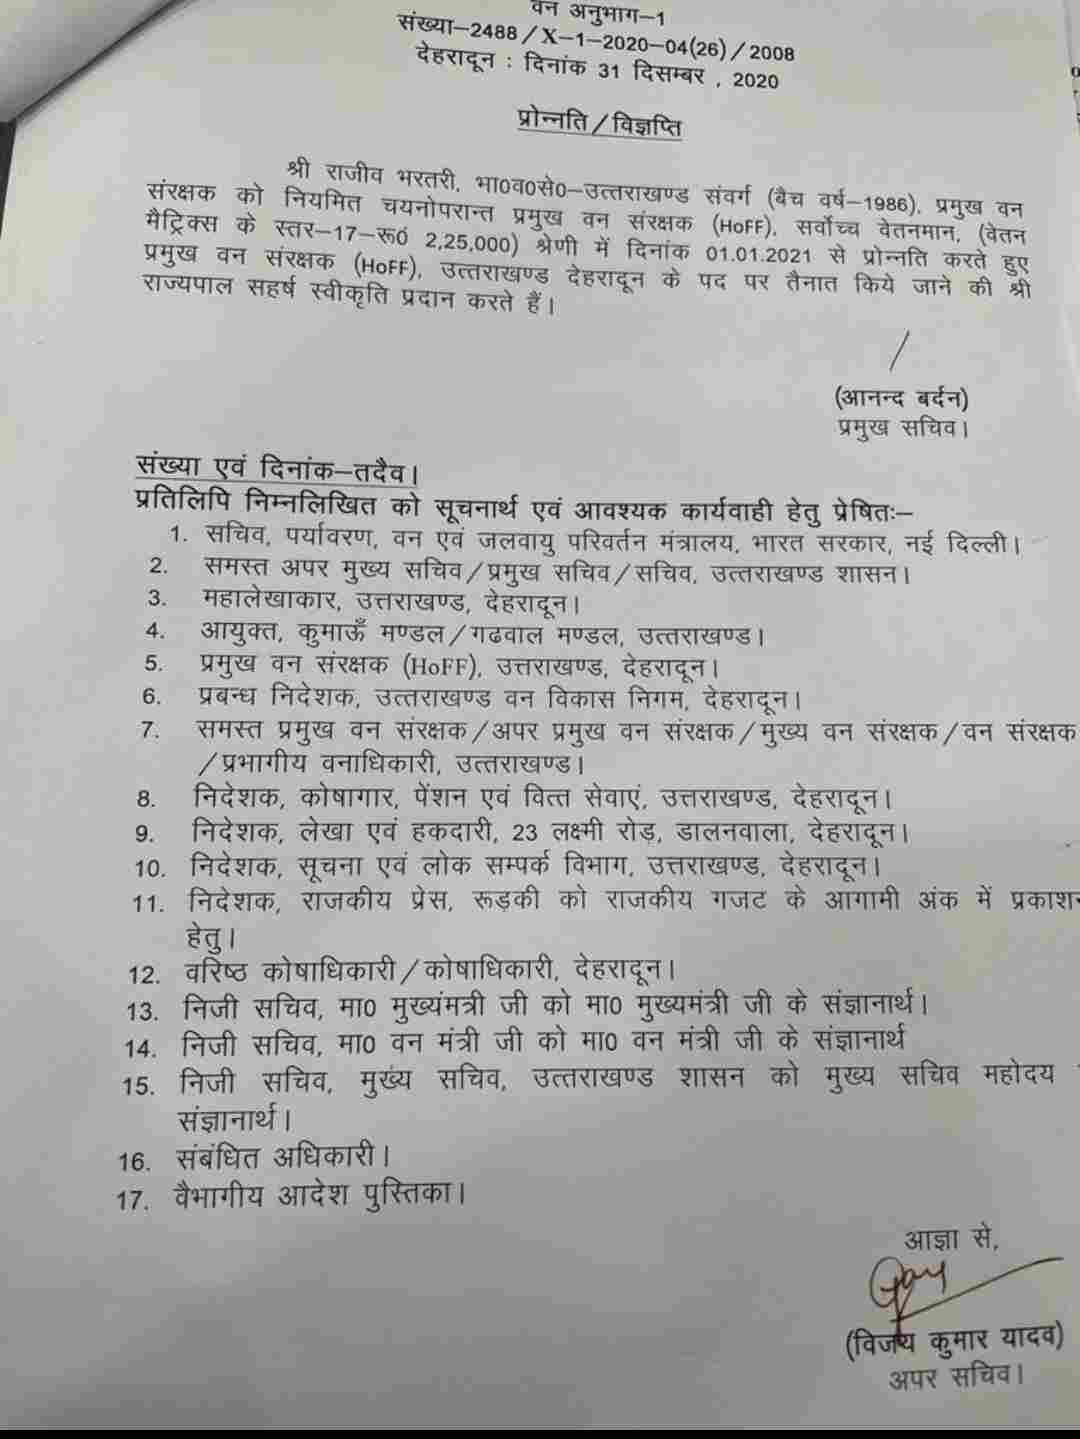 IFS राजीव भरतरी को मिली नए साल में वन विभाग के नए मुखिया की कमान, शासन ने जारी किए आदेश 2